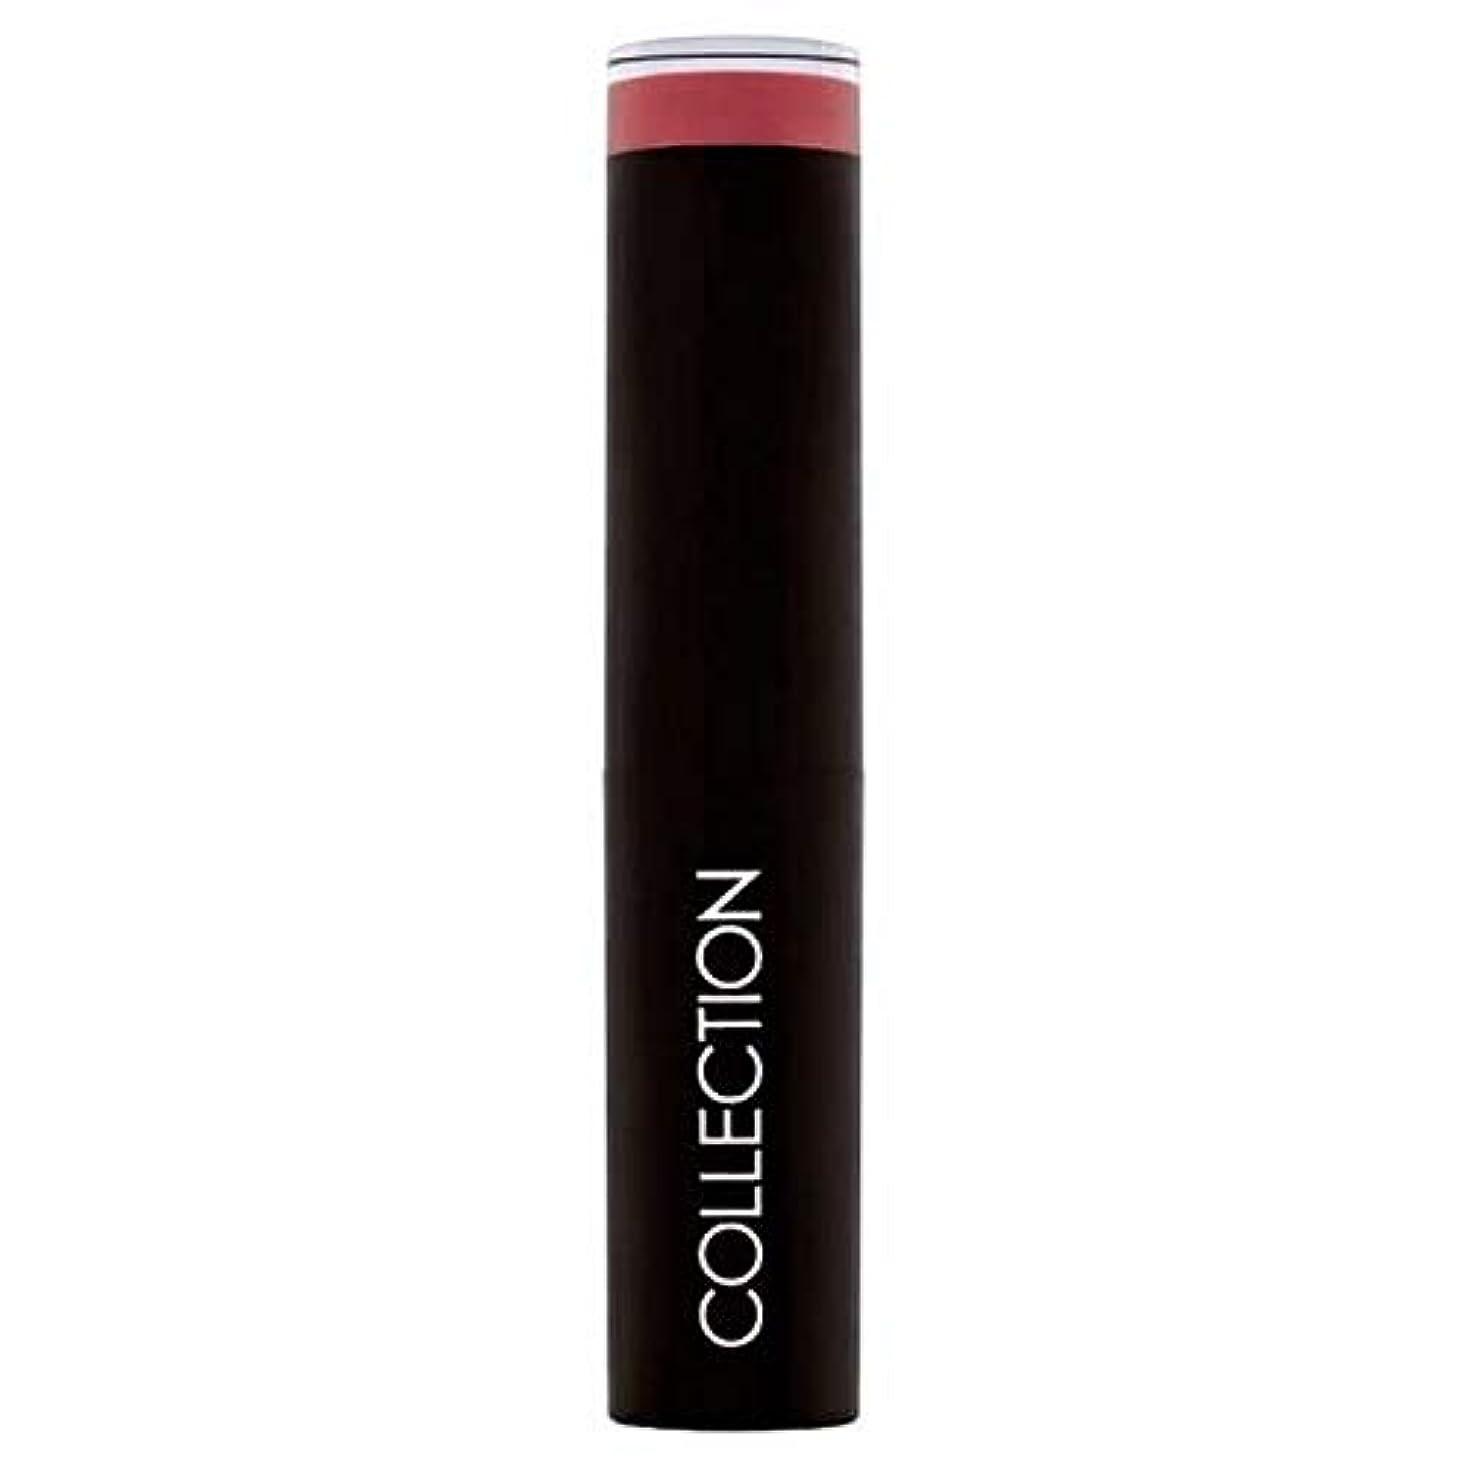 痛み救急車セラフ[Collection ] コレクション強烈な輝きゲル口紅破砕梅3 - Collection Intense Shine Gel Lipstick Crushed Plum 3 [並行輸入品]